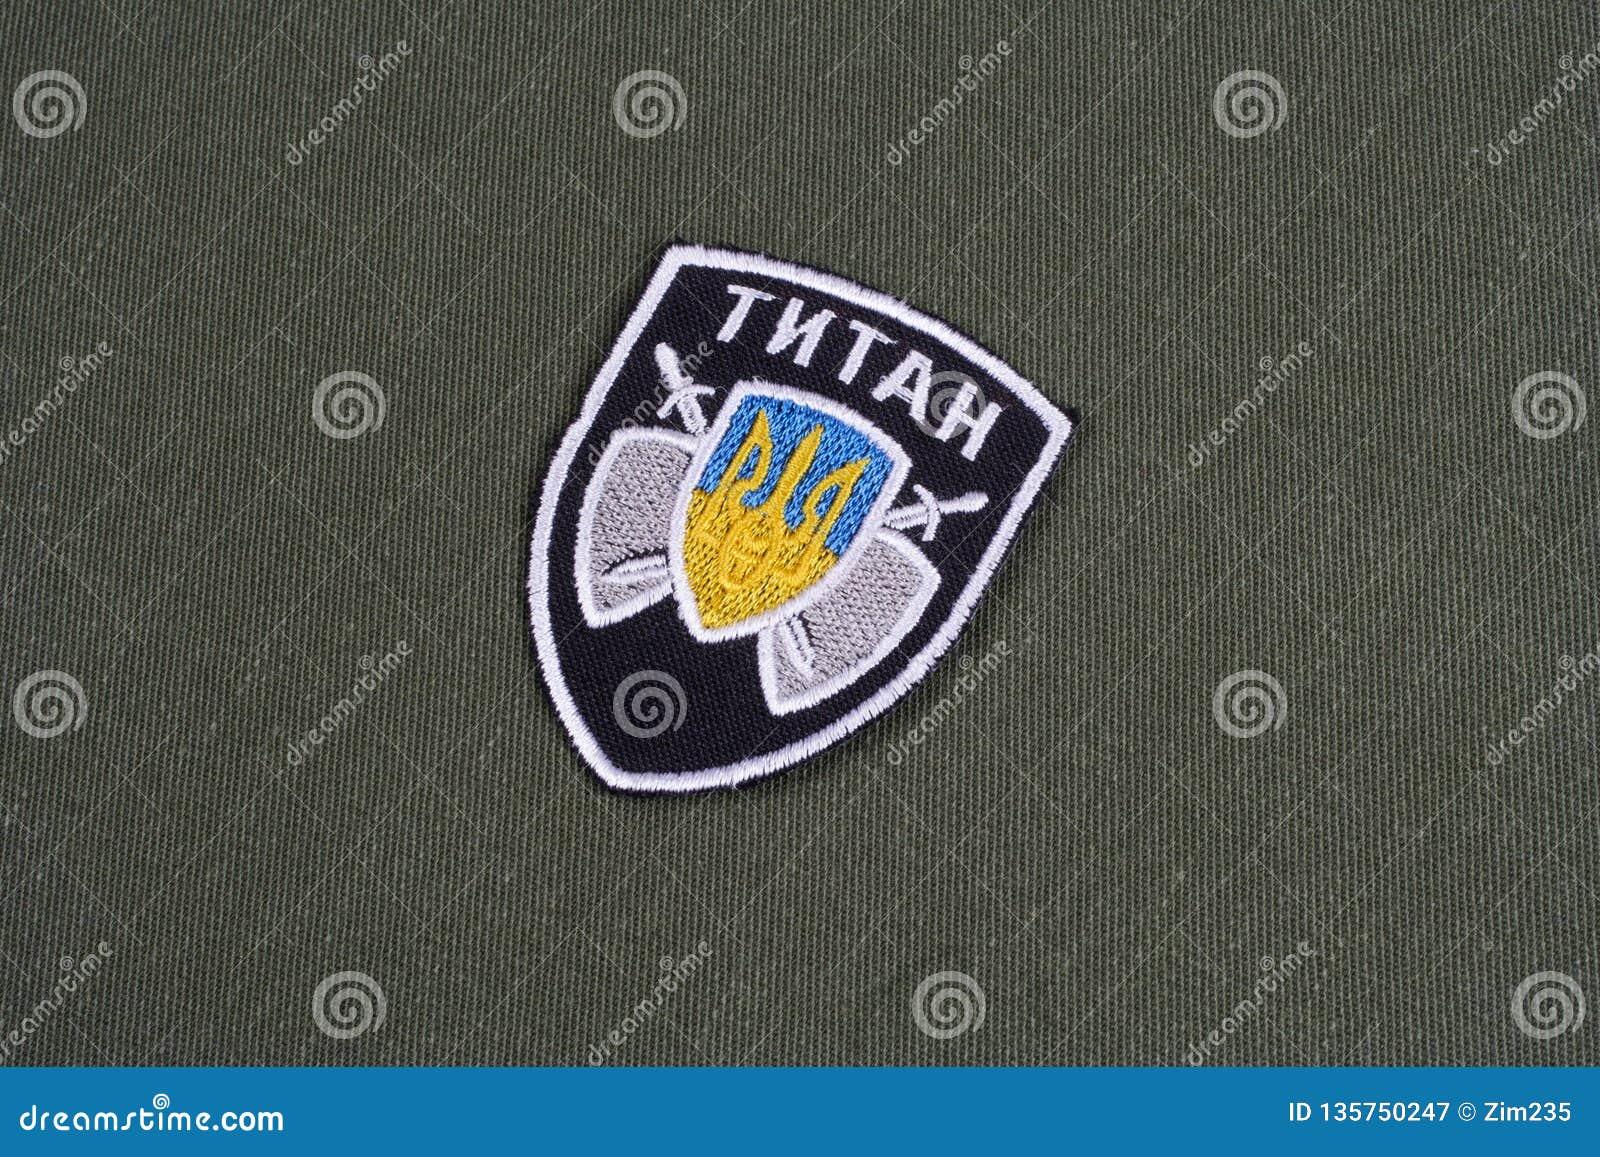 KYIV, UKRAINE - Juli, 16, 2015 Innenministerium (Ukraine) - einheitlicher Ausweis der Titaneinheit auf getarnter Uniform